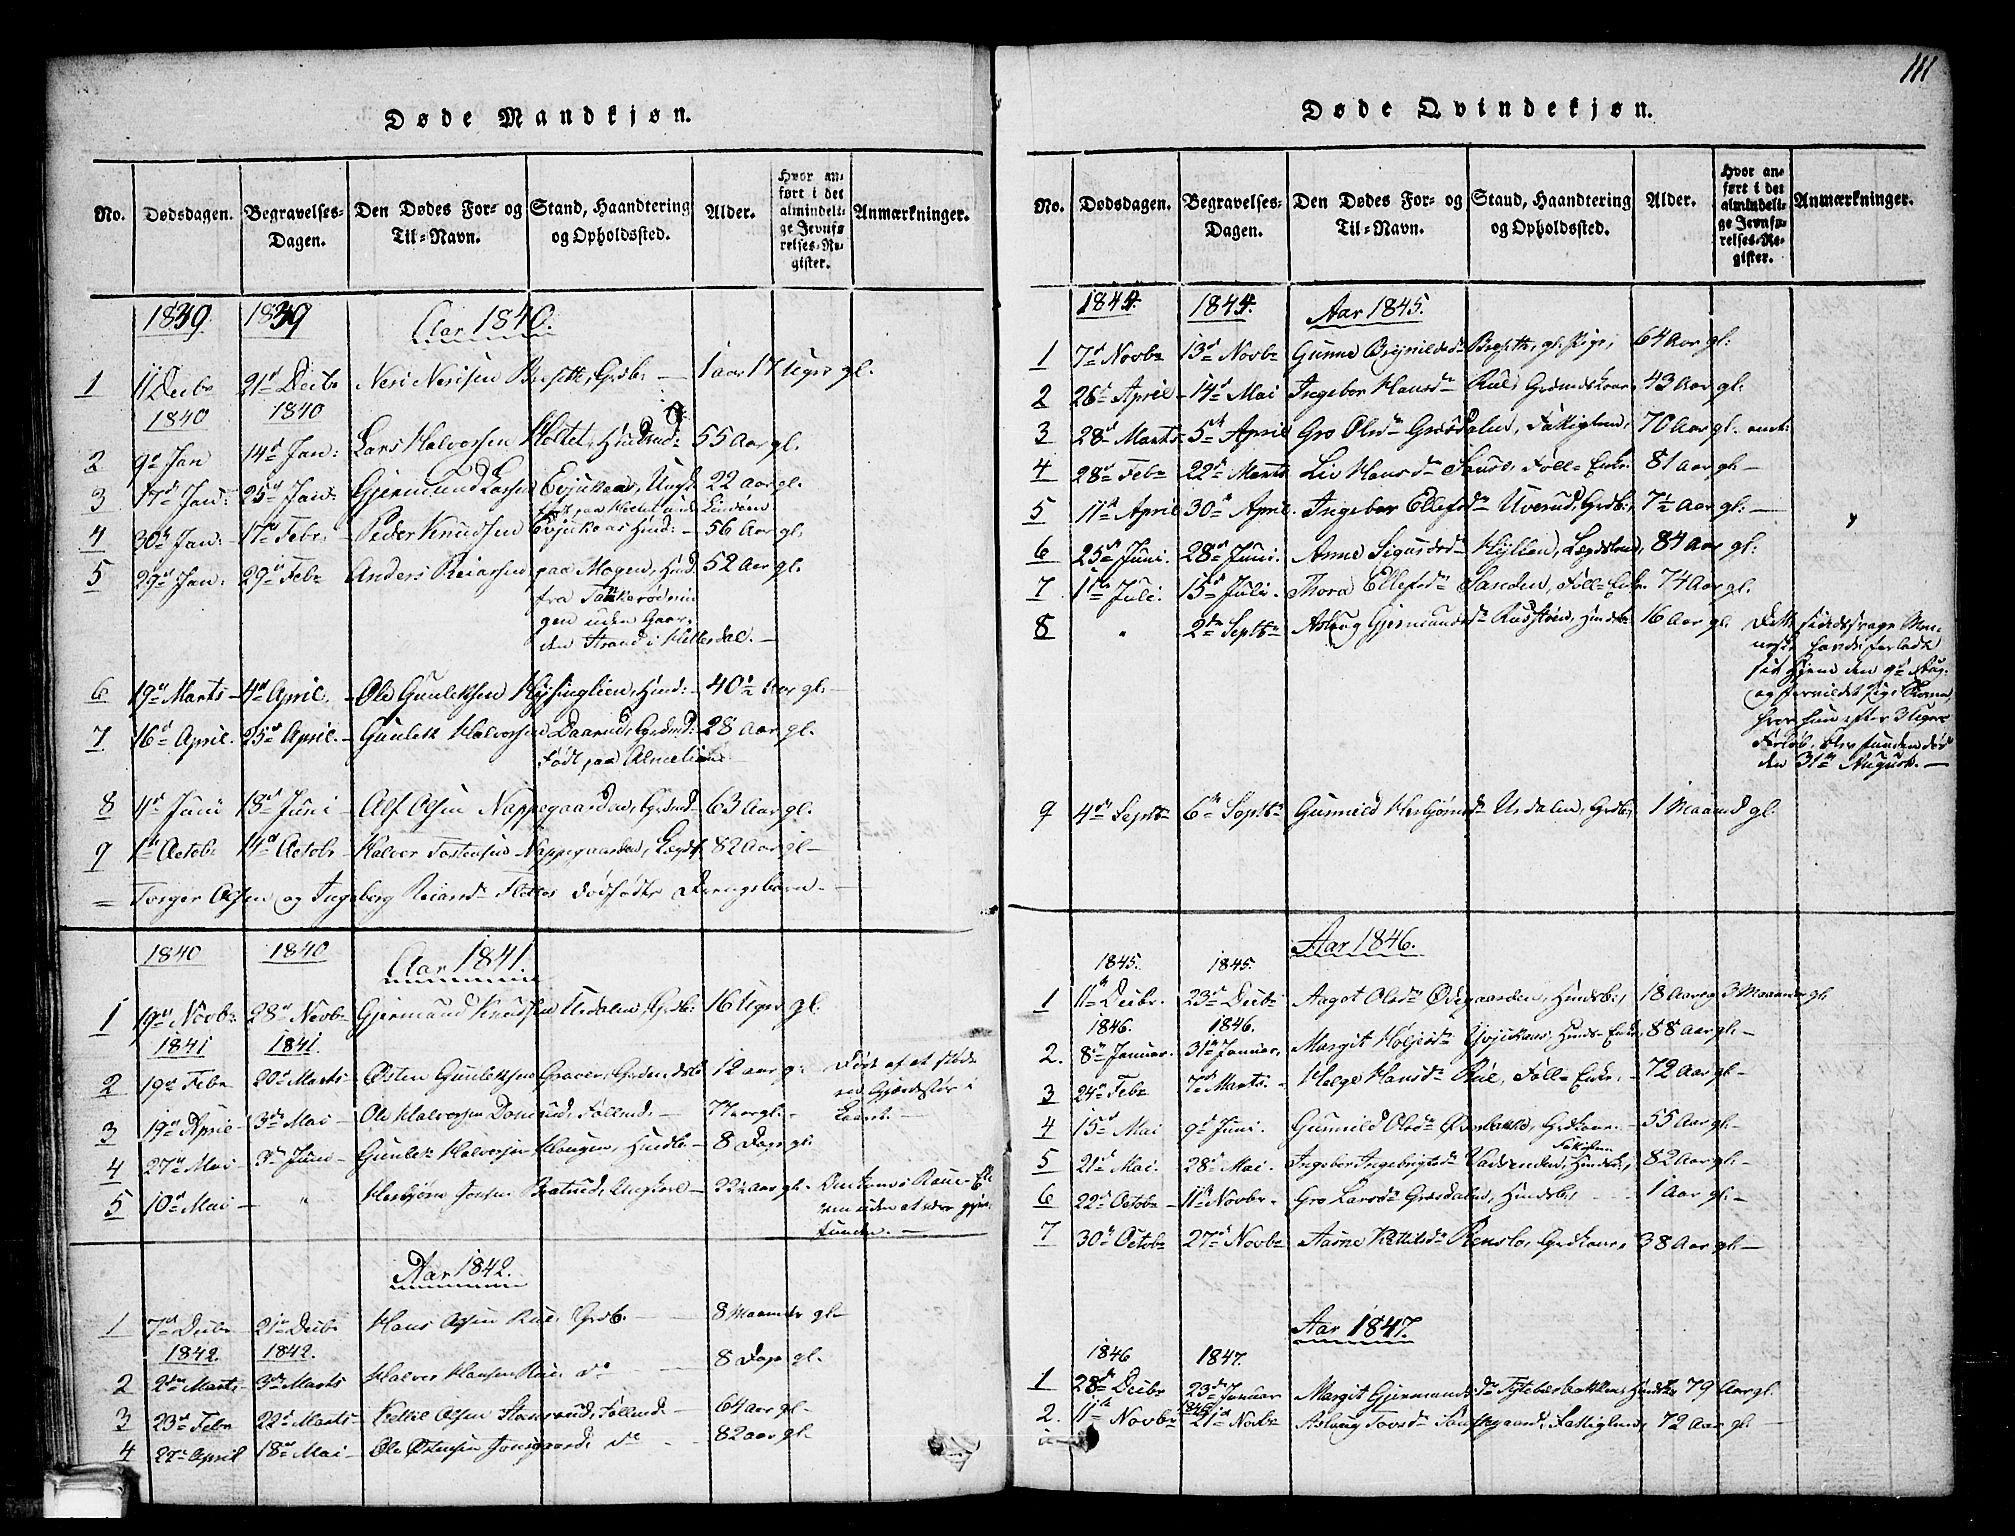 SAKO, Gransherad kirkebøker, G/Gb/L0001: Klokkerbok nr. II 1, 1815-1860, s. 111